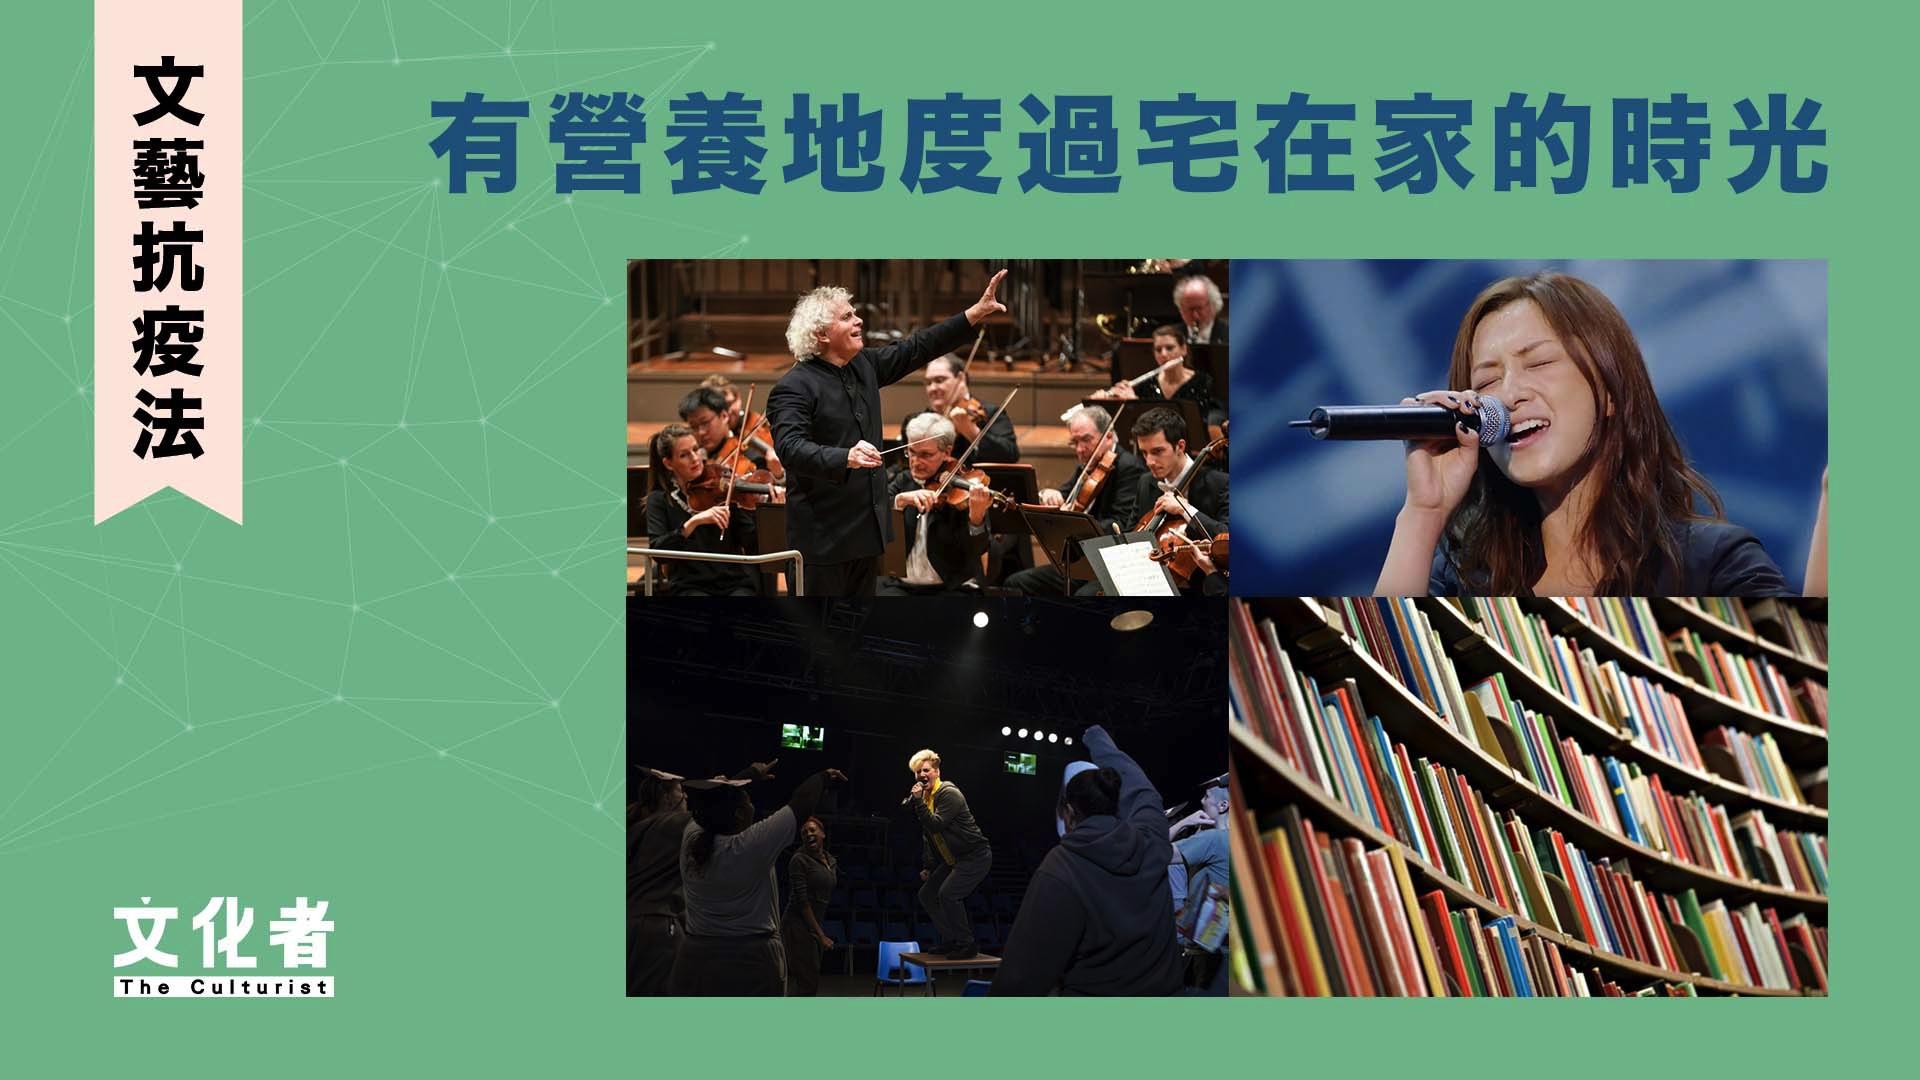 【文化者.文藝抗疫法】行山以外有選擇!七百藏書百老匯歌劇免費任聽任看